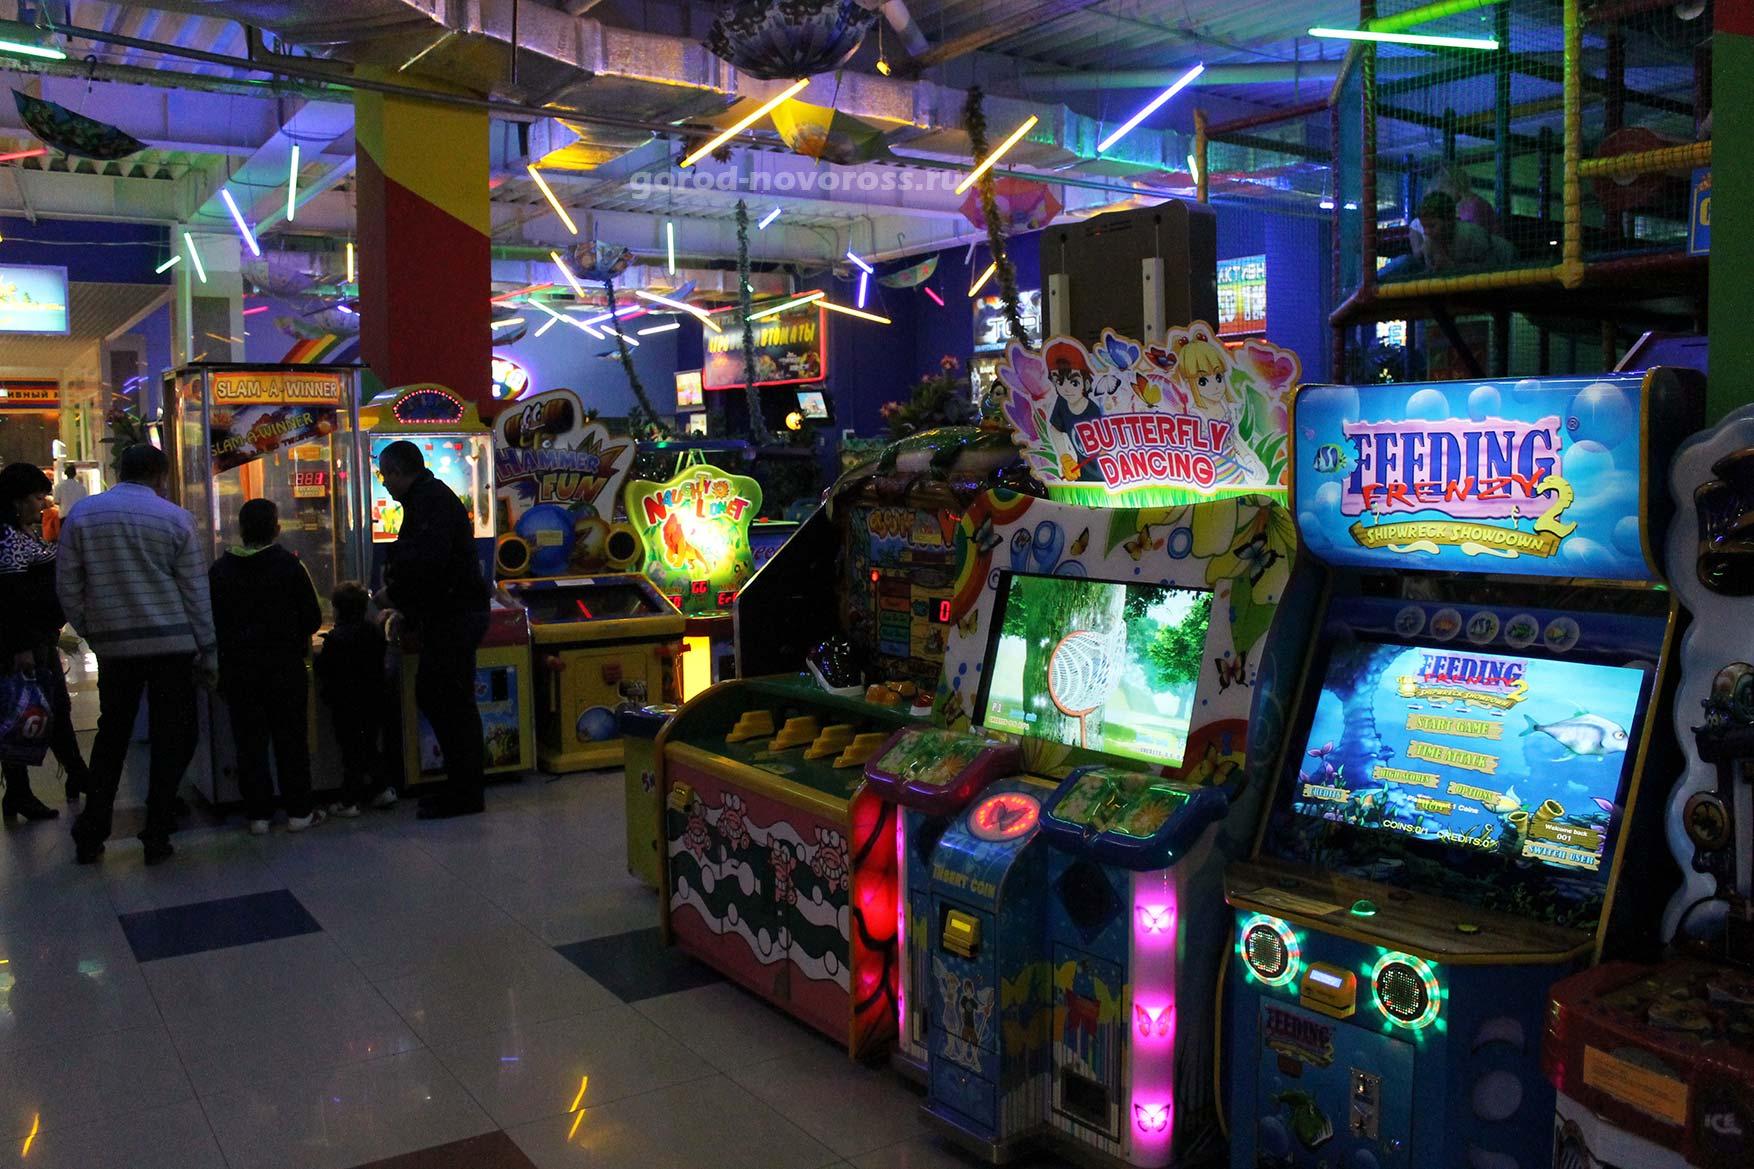 Игровые автоматы в городе краснодаре игровые автоматы в 1990-е